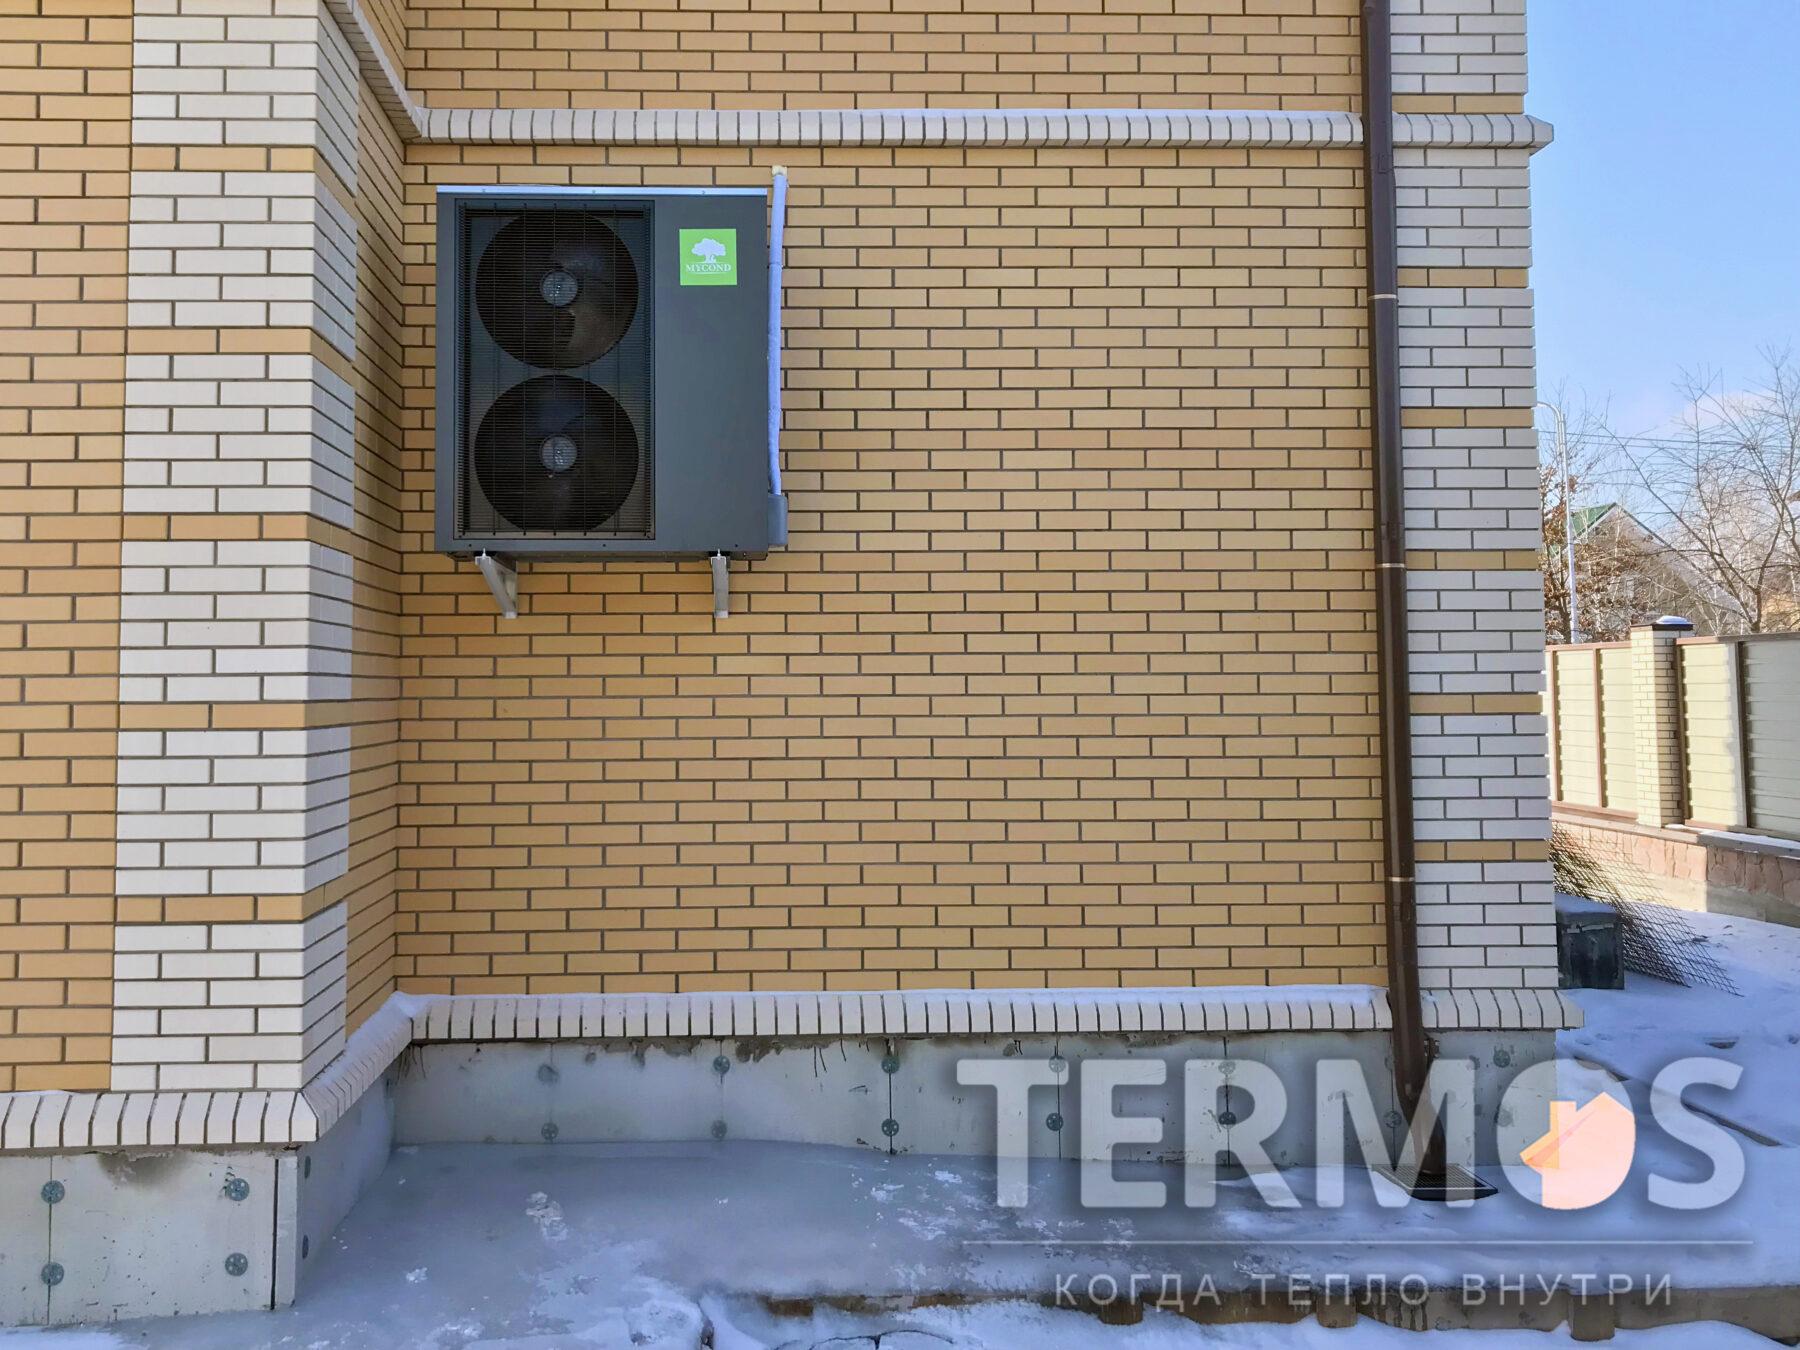 Козин. Коттедж 200 кв.м. Система отопления на воздушном тепловом насосе Mycond 19 кВт